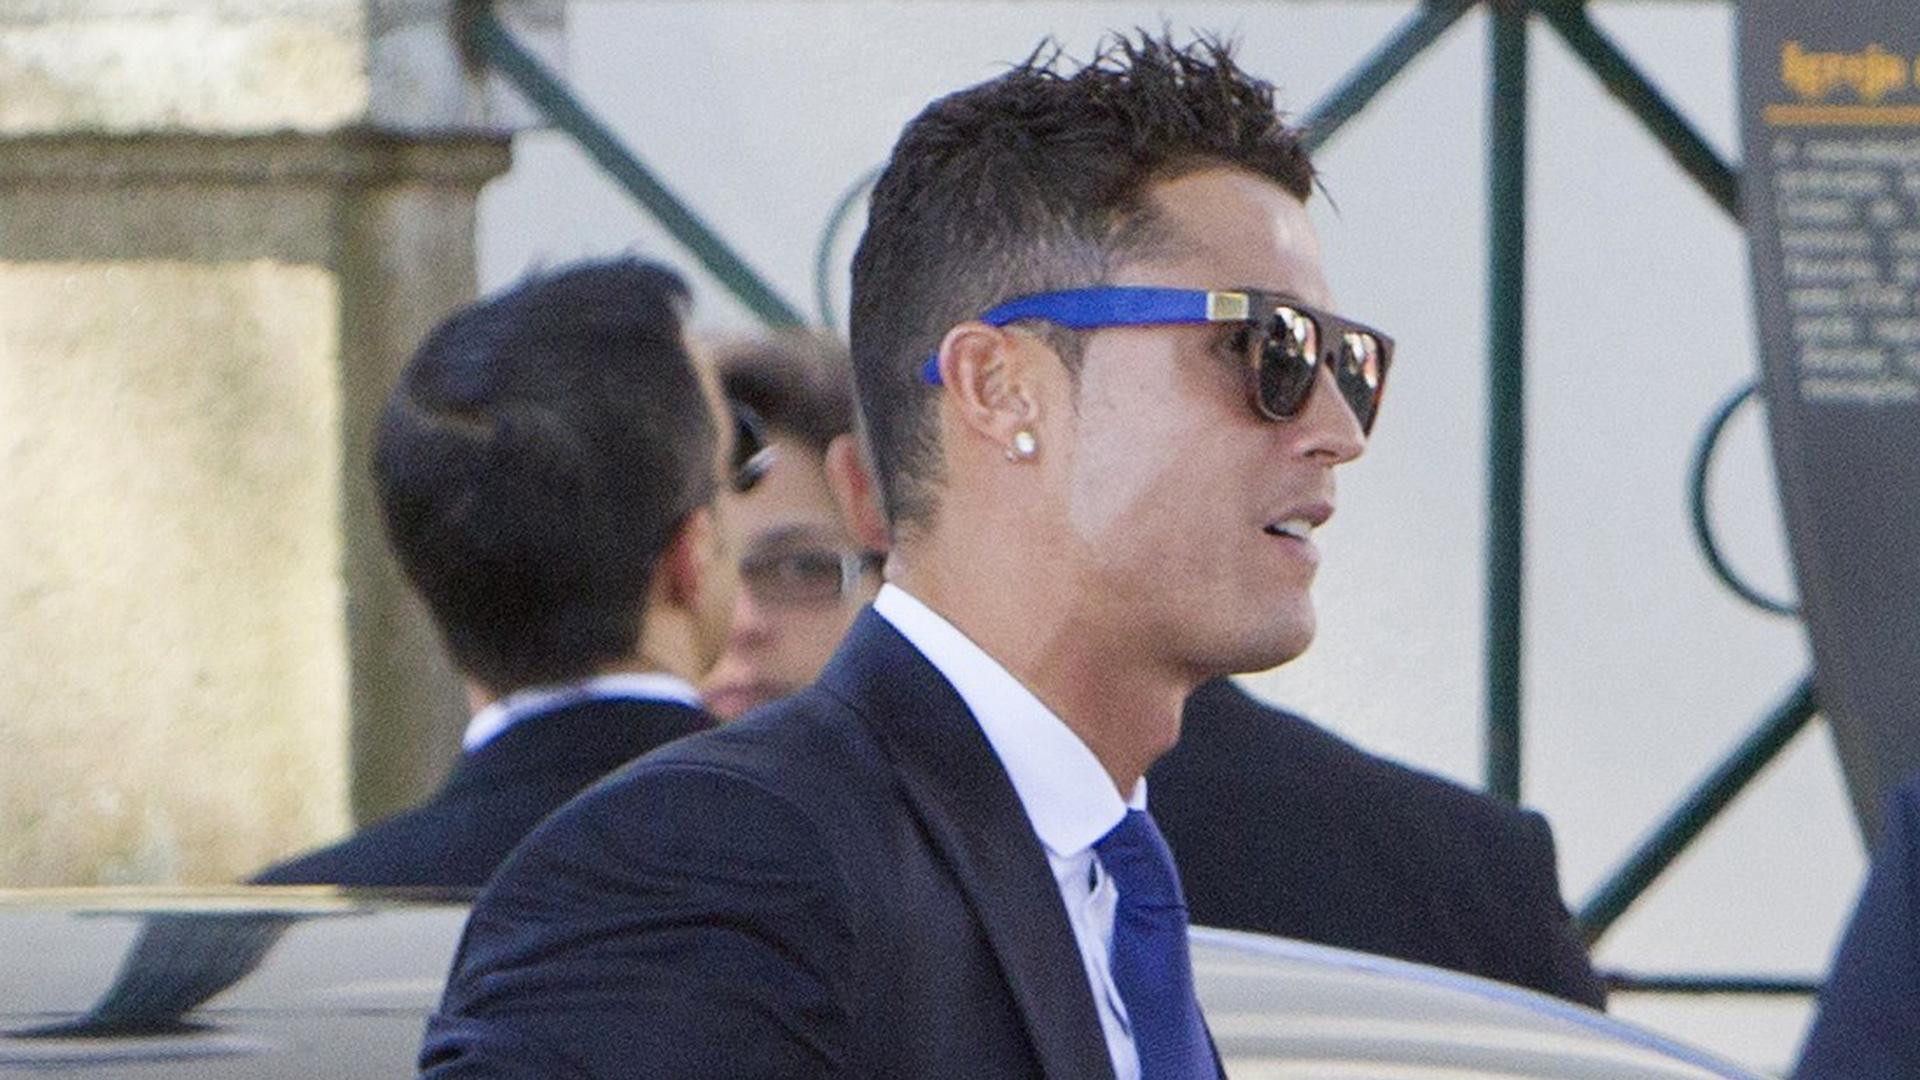 d68b0f898c Cristiano Ronaldo, James Rodríguez, Pepe y Florentino Pérez fueron a la  boda de Jorge Mendes